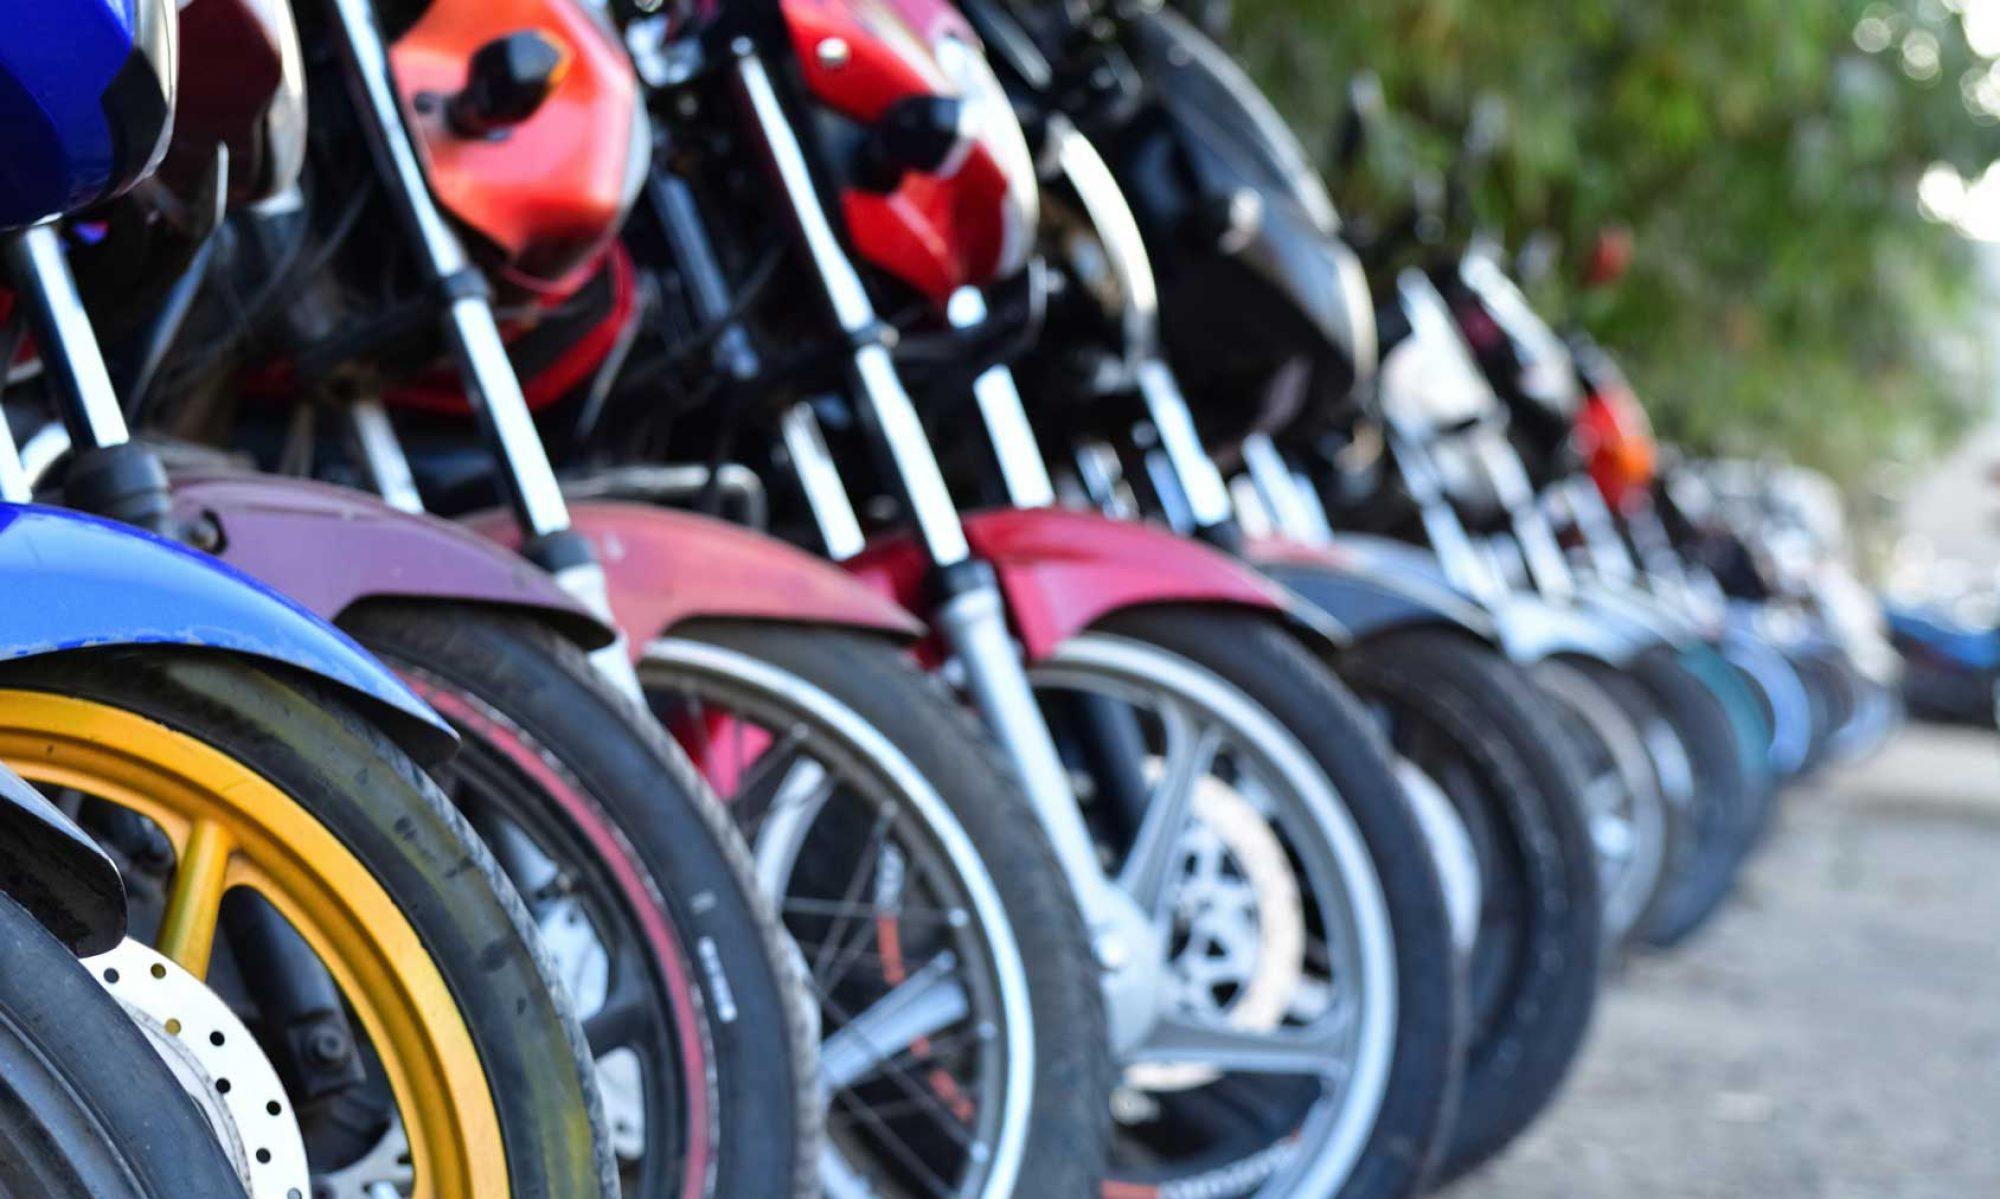 meilleurs prix pour les alarmes motos alarmes beeper le comparatif des alarmes moto et scooter. Black Bedroom Furniture Sets. Home Design Ideas